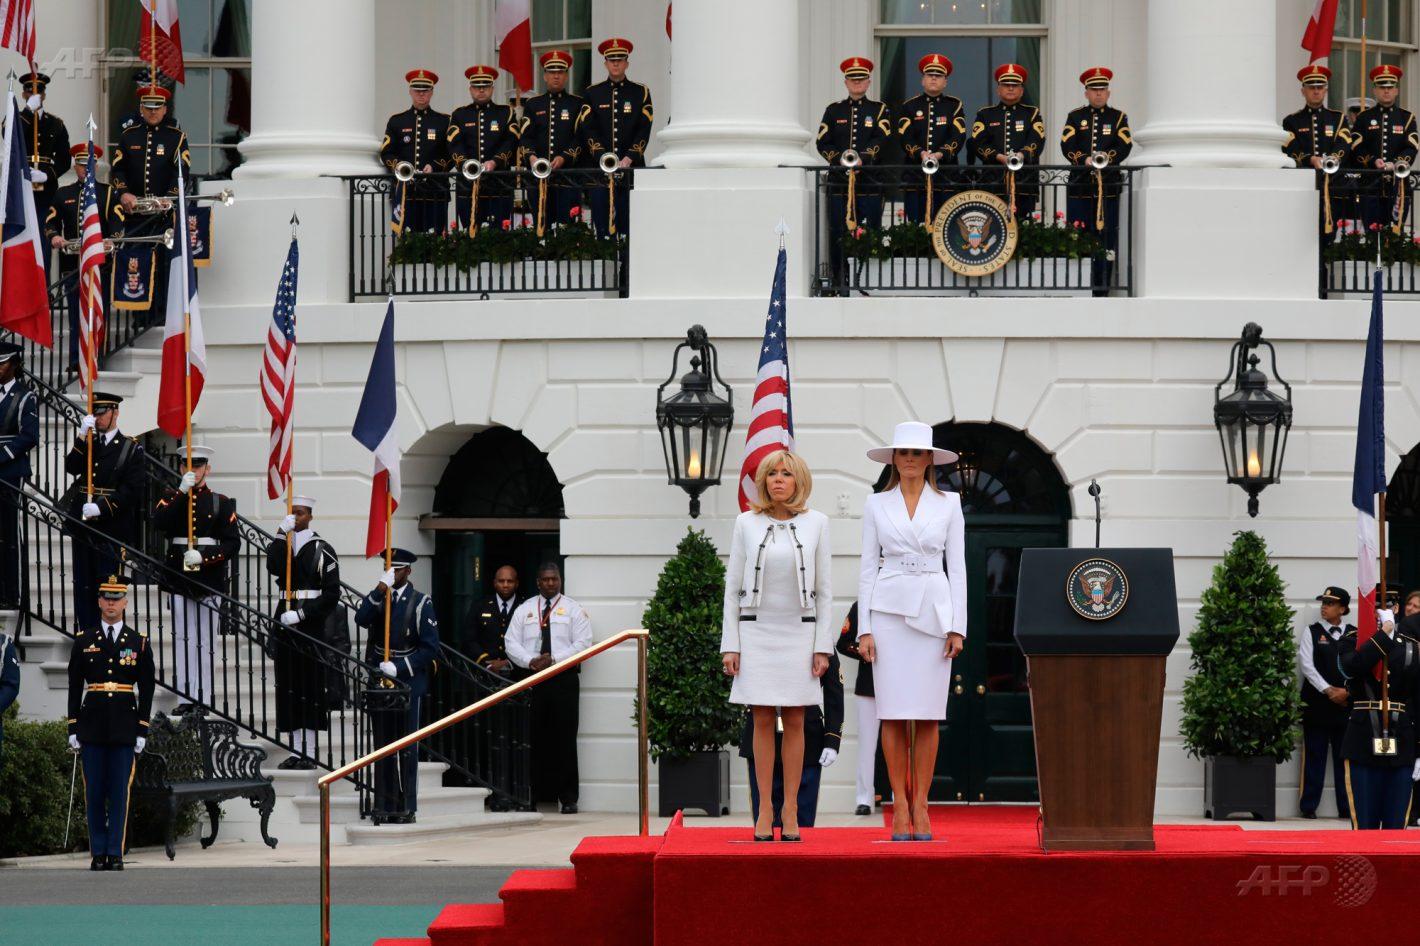 24 avril 2018 – Washington - Brigitte Macron et Melania Trump (D), se tiennent sur le podium durant une cérémonie à la Maison Blanche. AFP / Ludovic MARIN